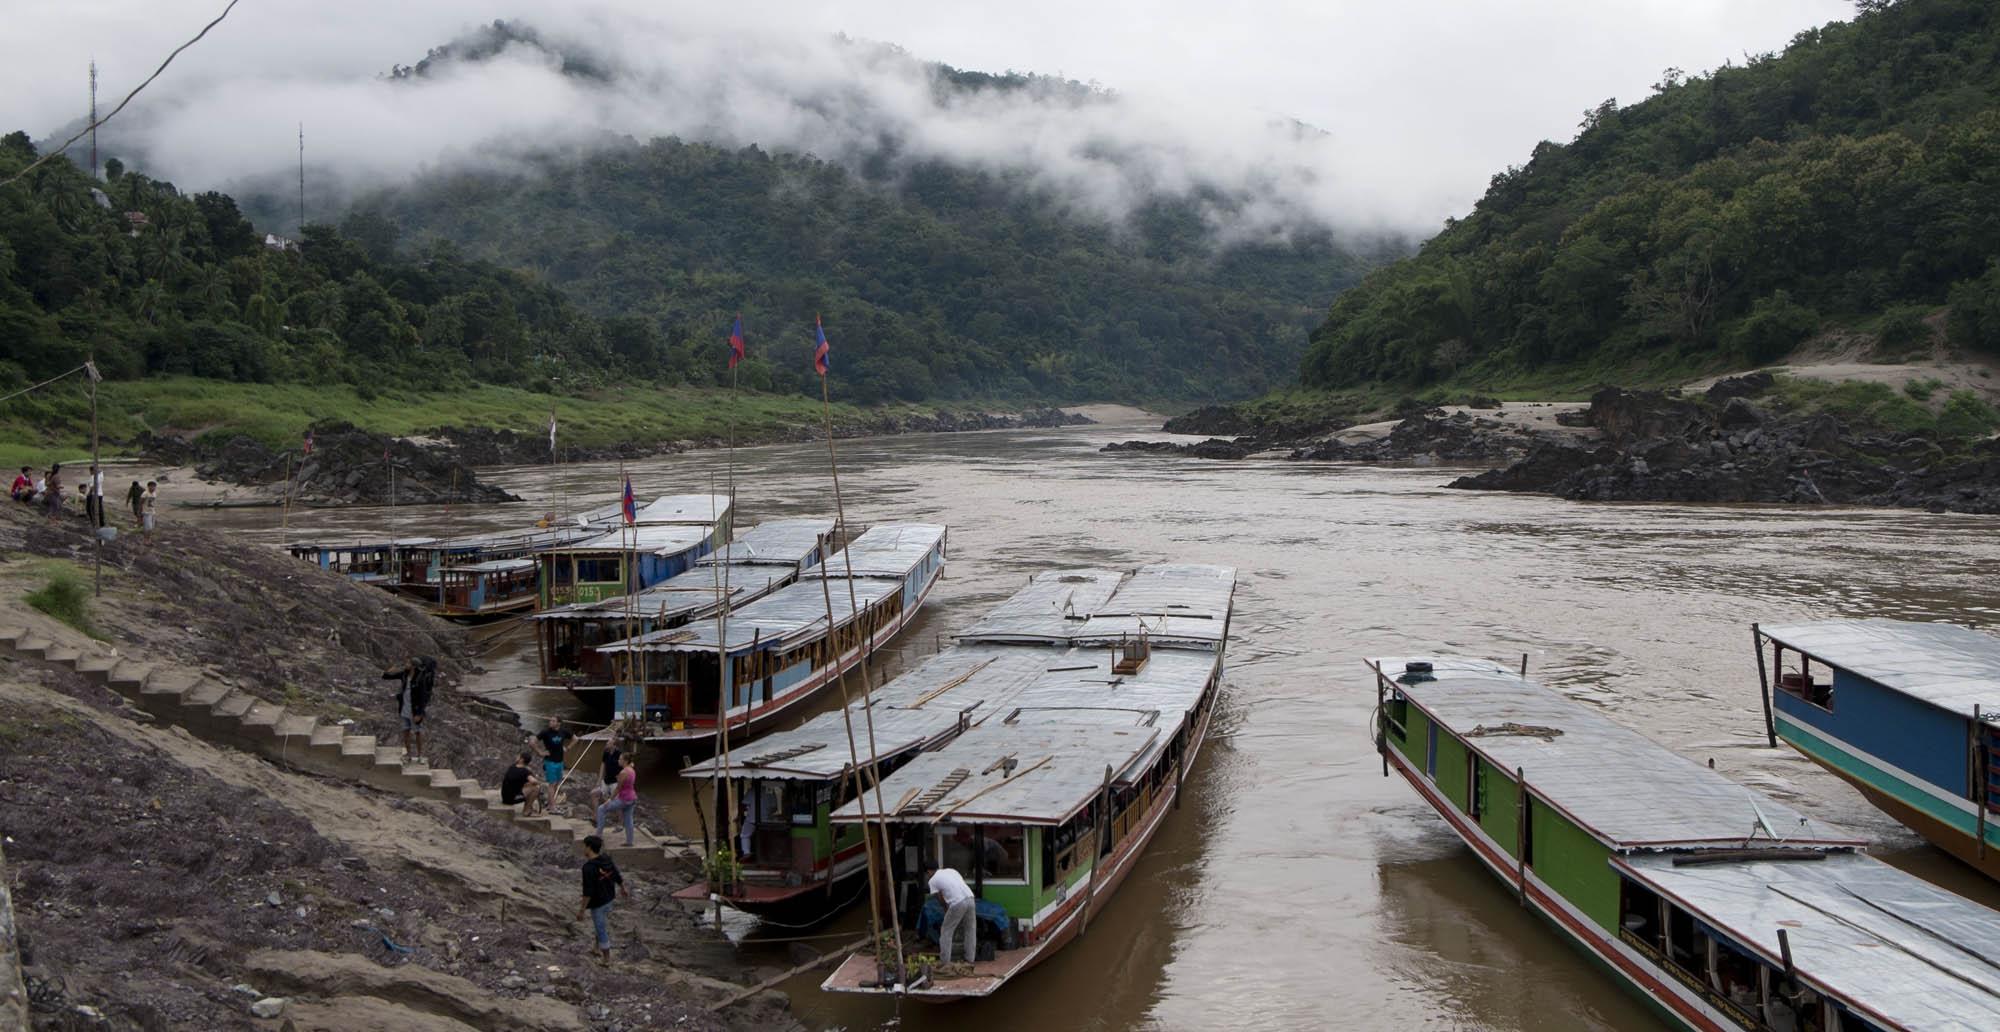 reise-ansichten slow boat Mekong